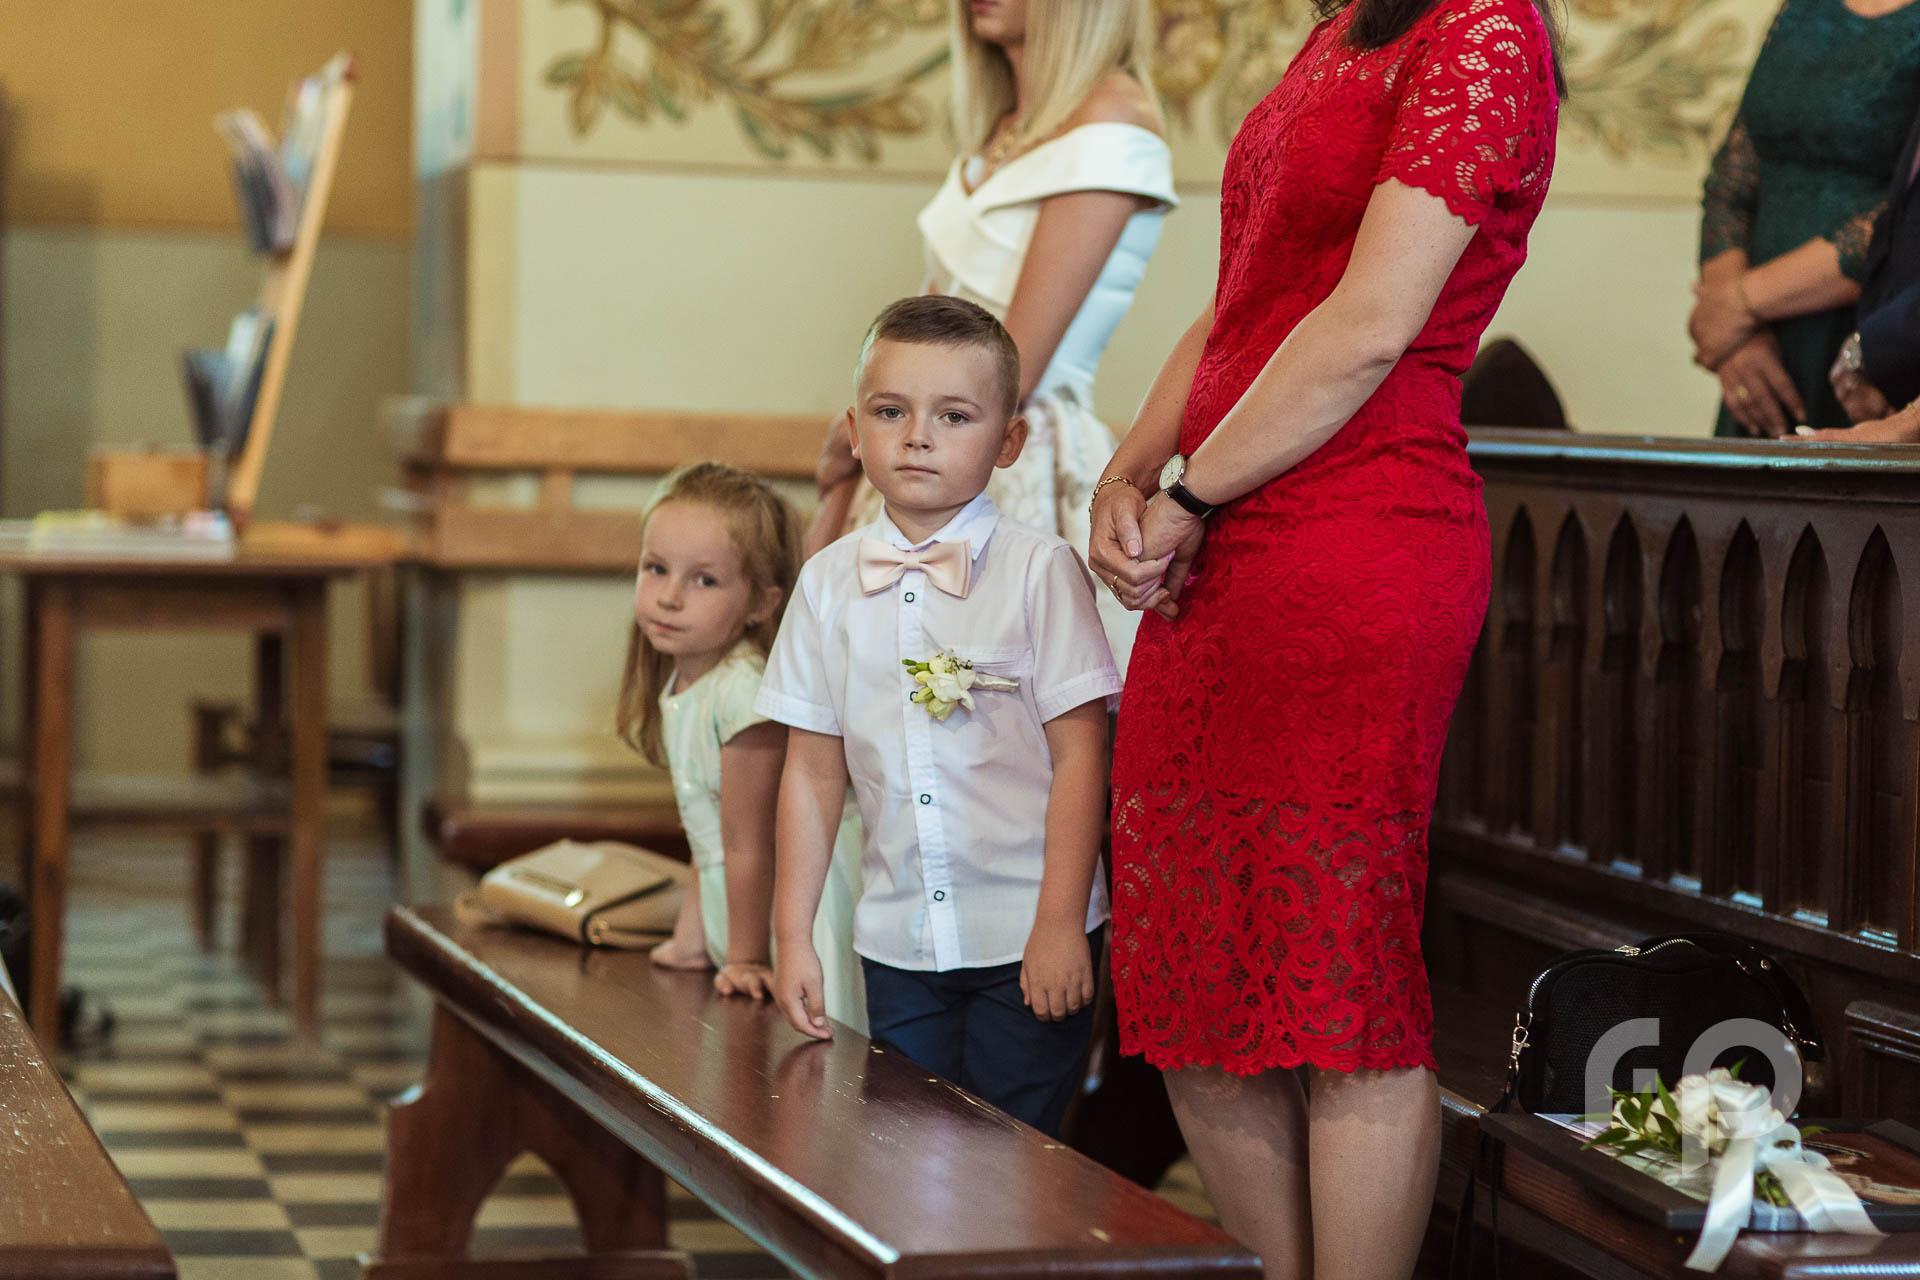 dzieci obserwujące przysięgę małżeńską